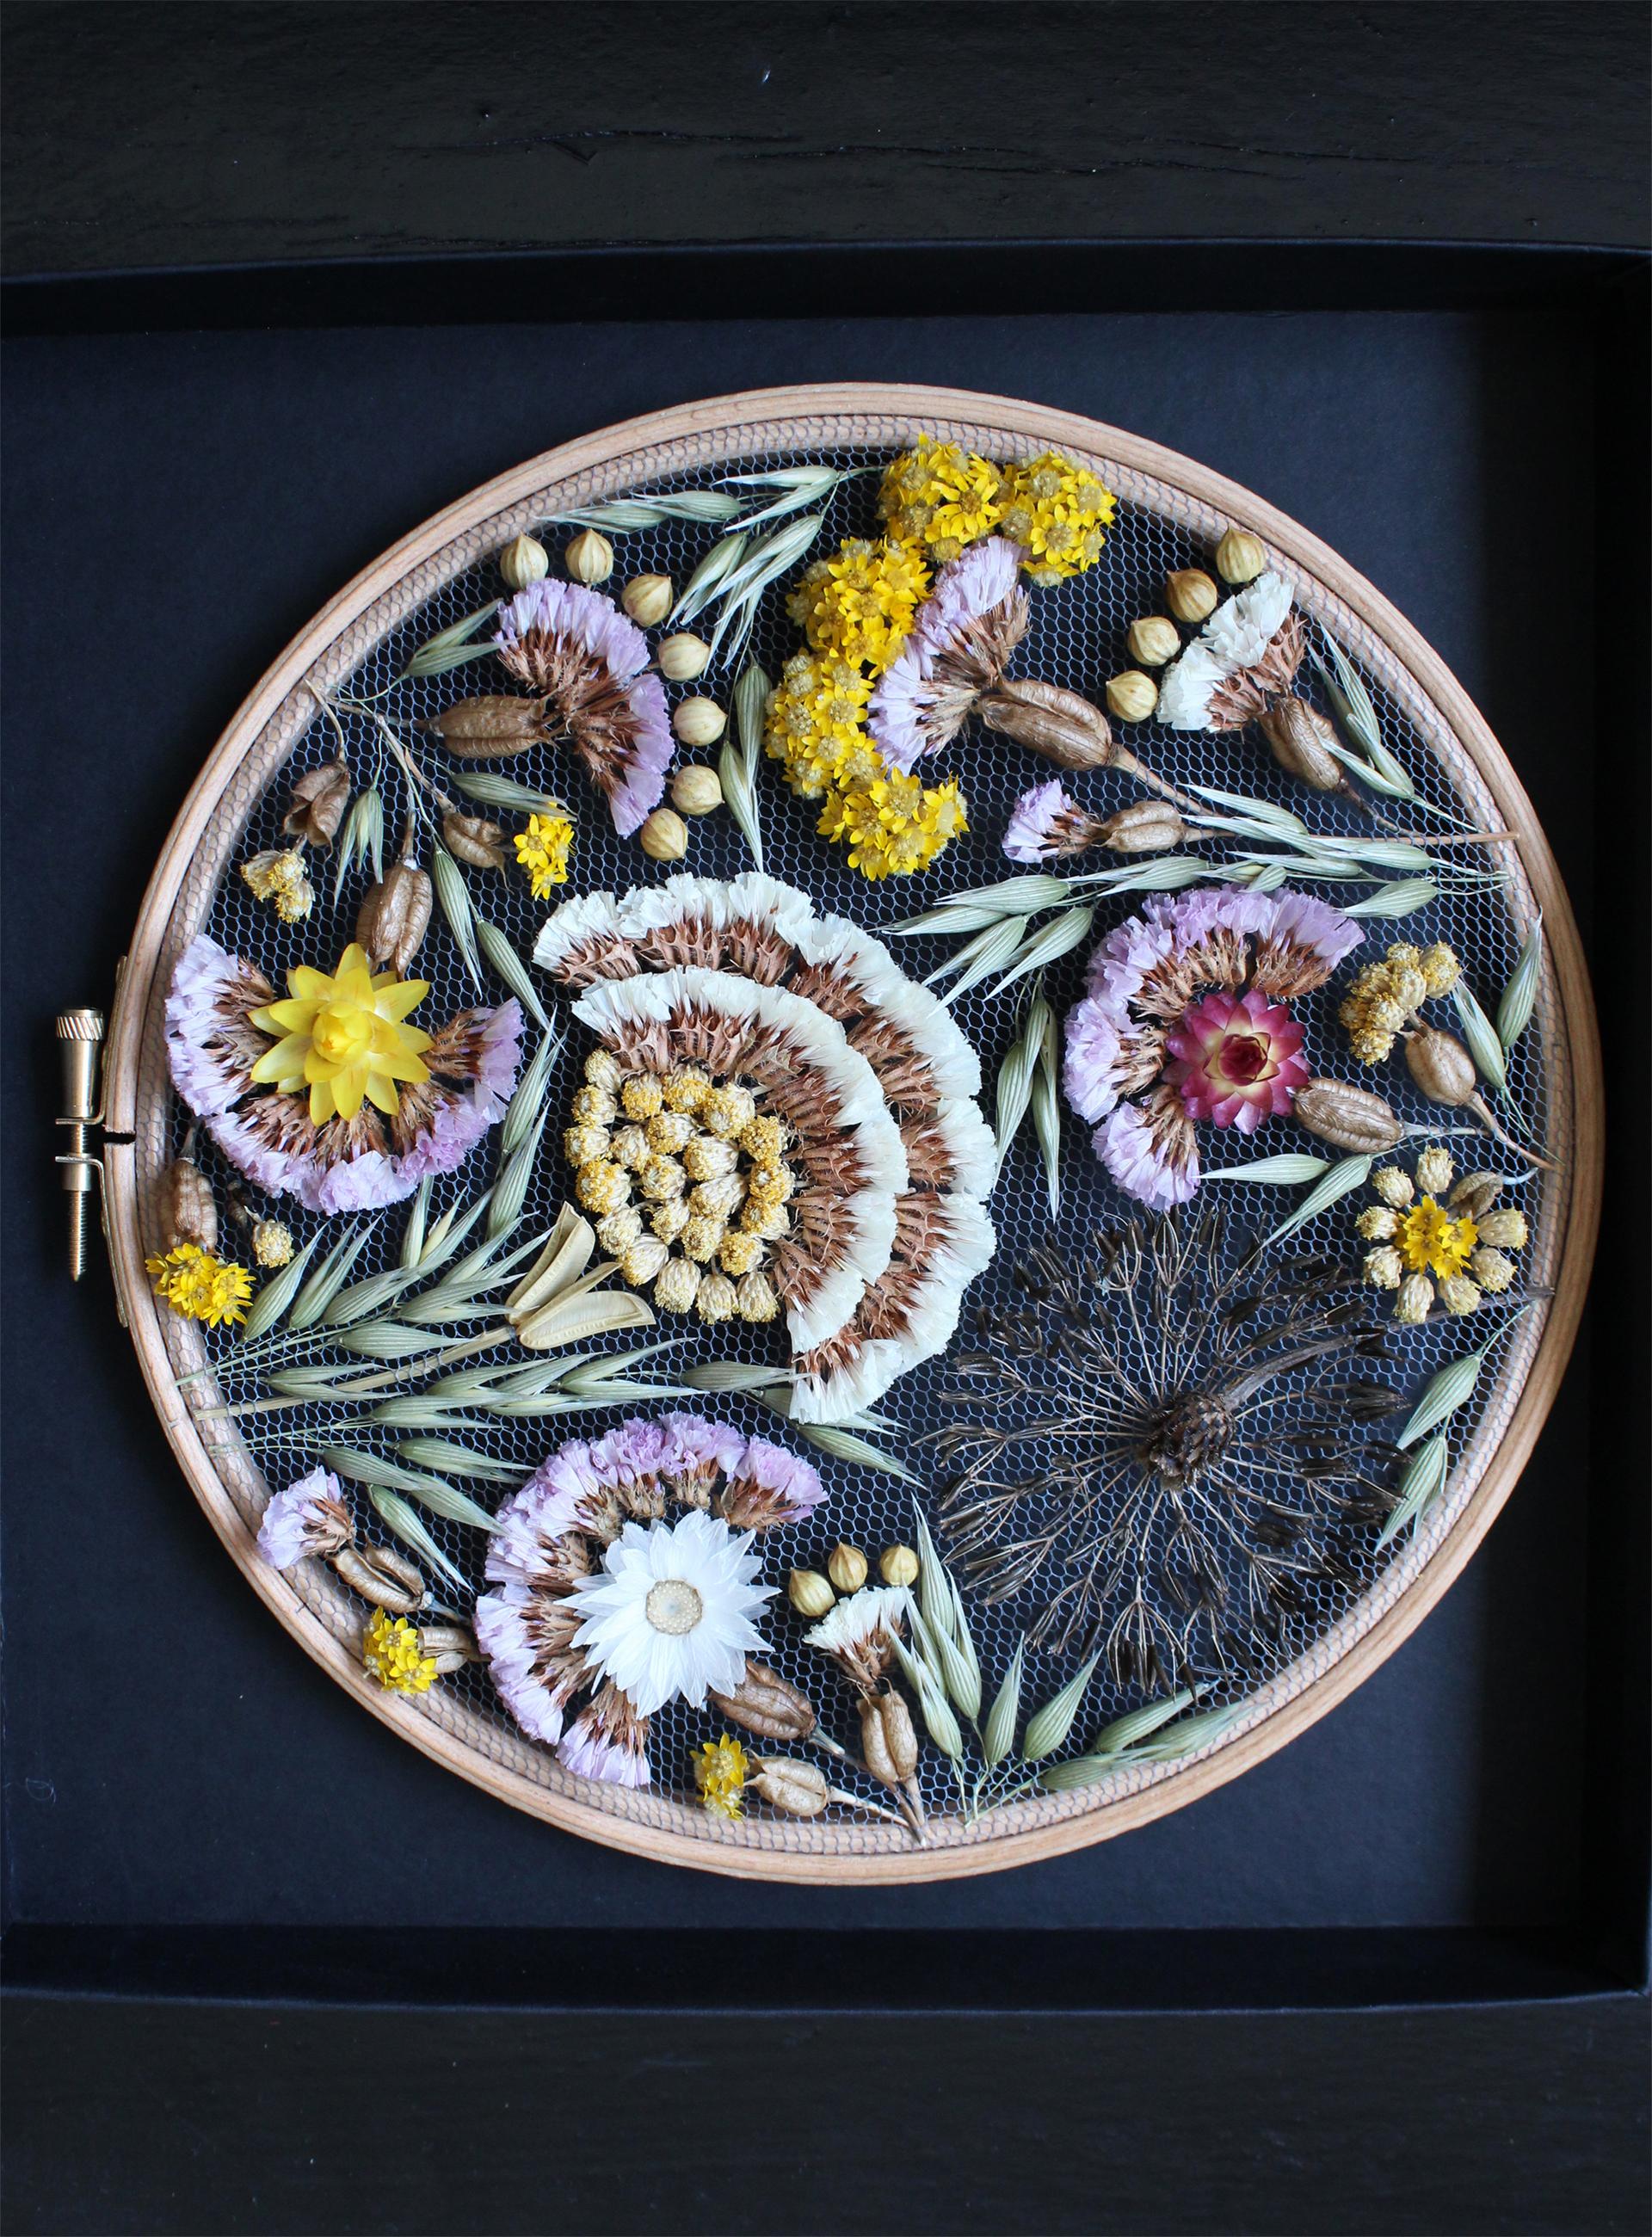 Intervista Olga Prinku, creatrice ricami in tulle, fiori secchi